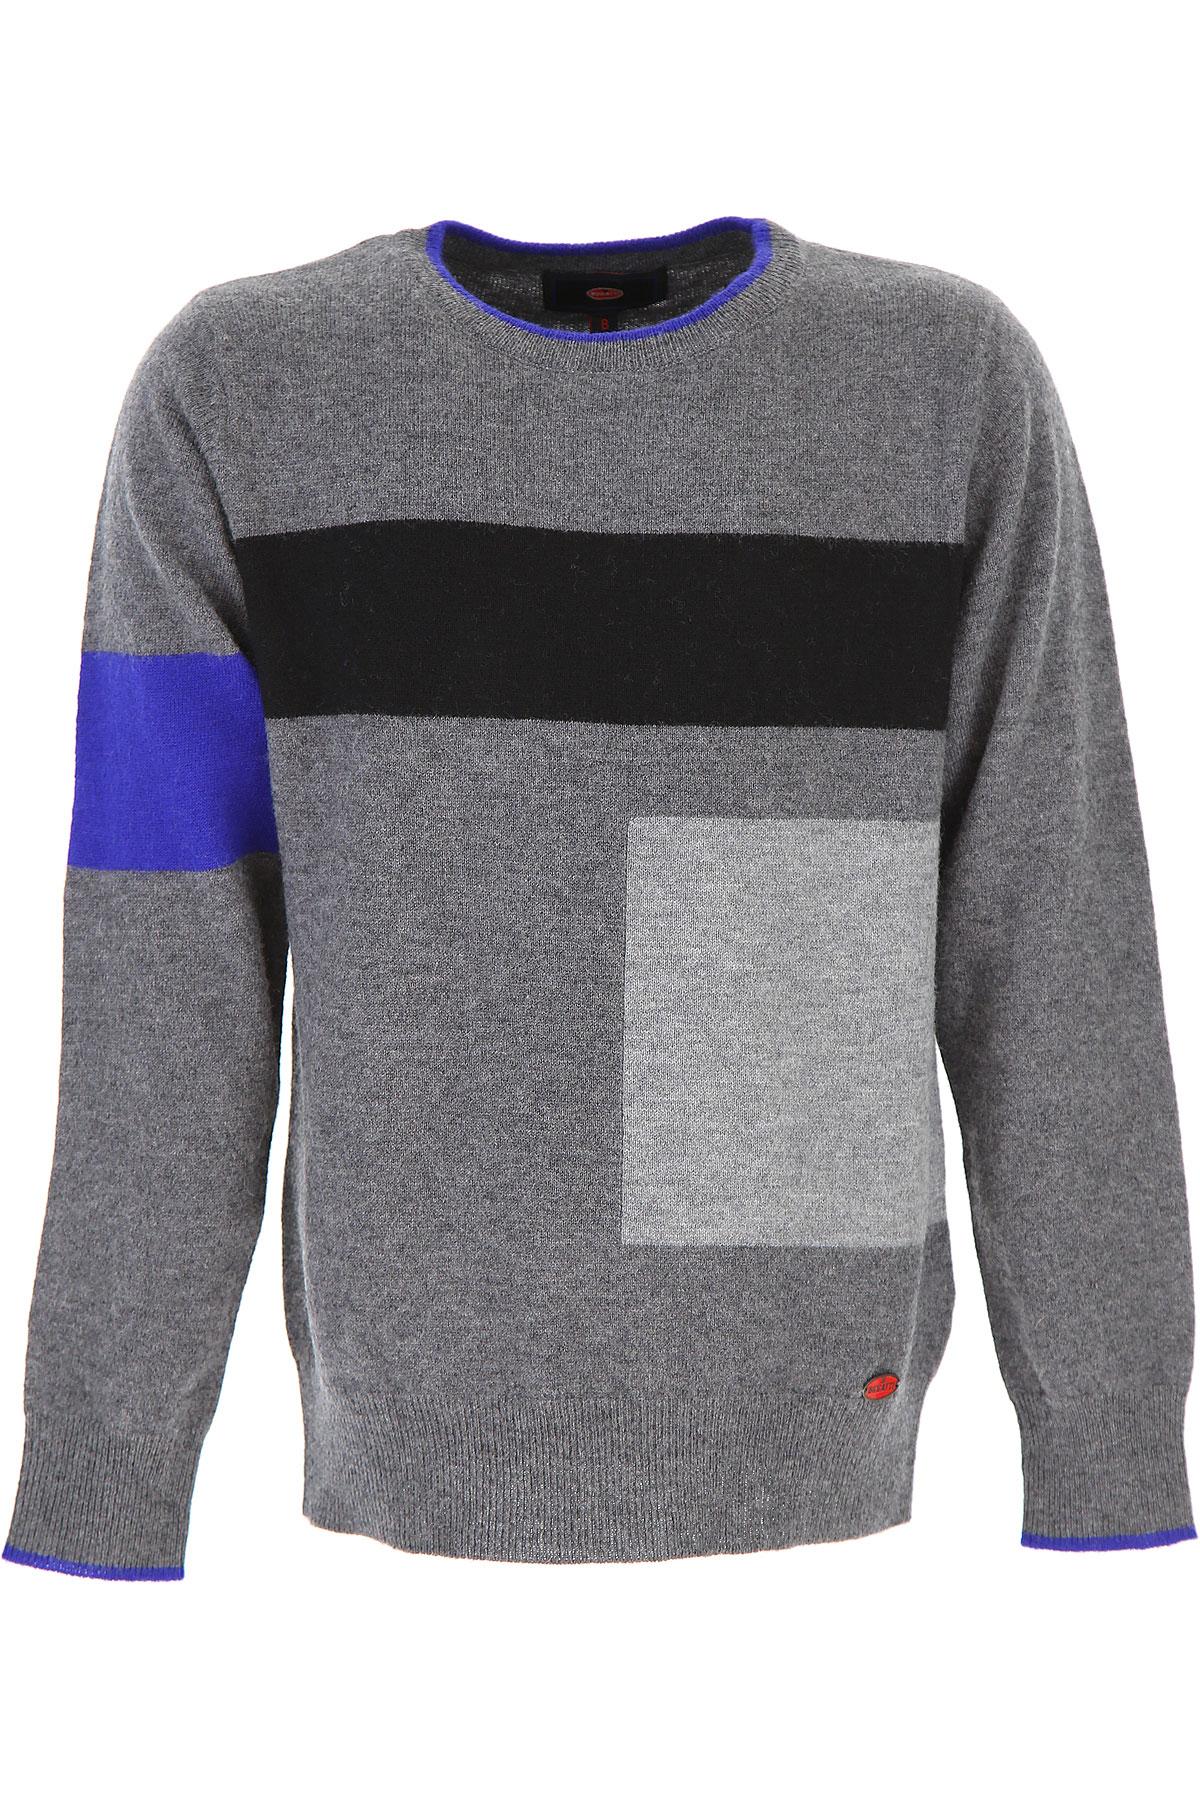 Image of Bugatti Kids Sweaters for Boys, Grey, Wool, 2017, 10Y 8Y